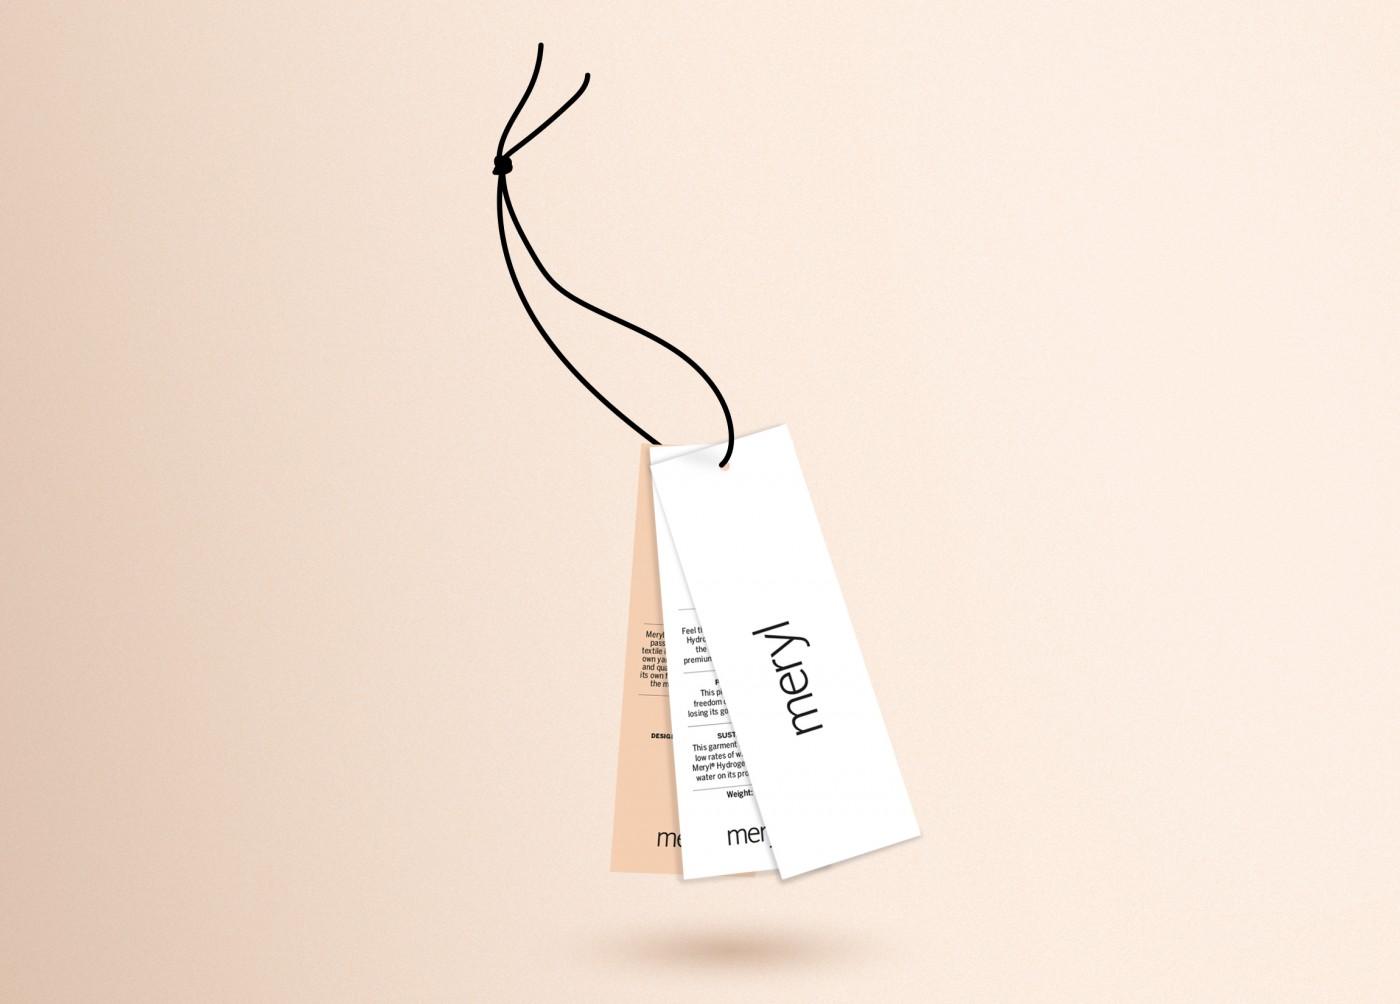 etiqueta-marca-ropa